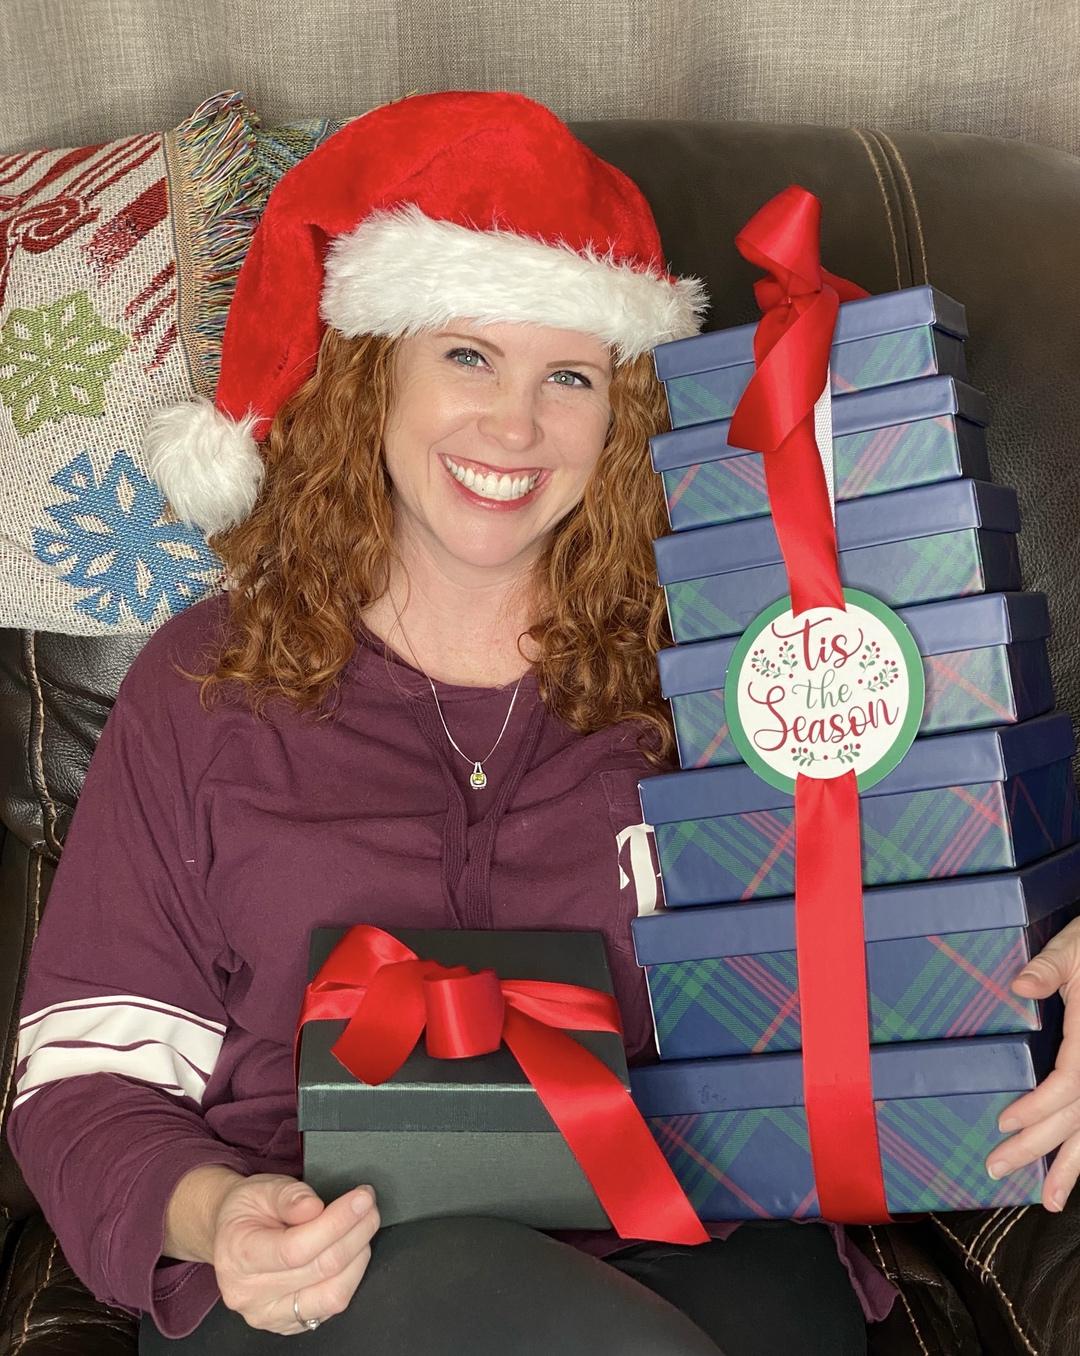 GourmetGiftBaskets.com Holiday Gift Guide